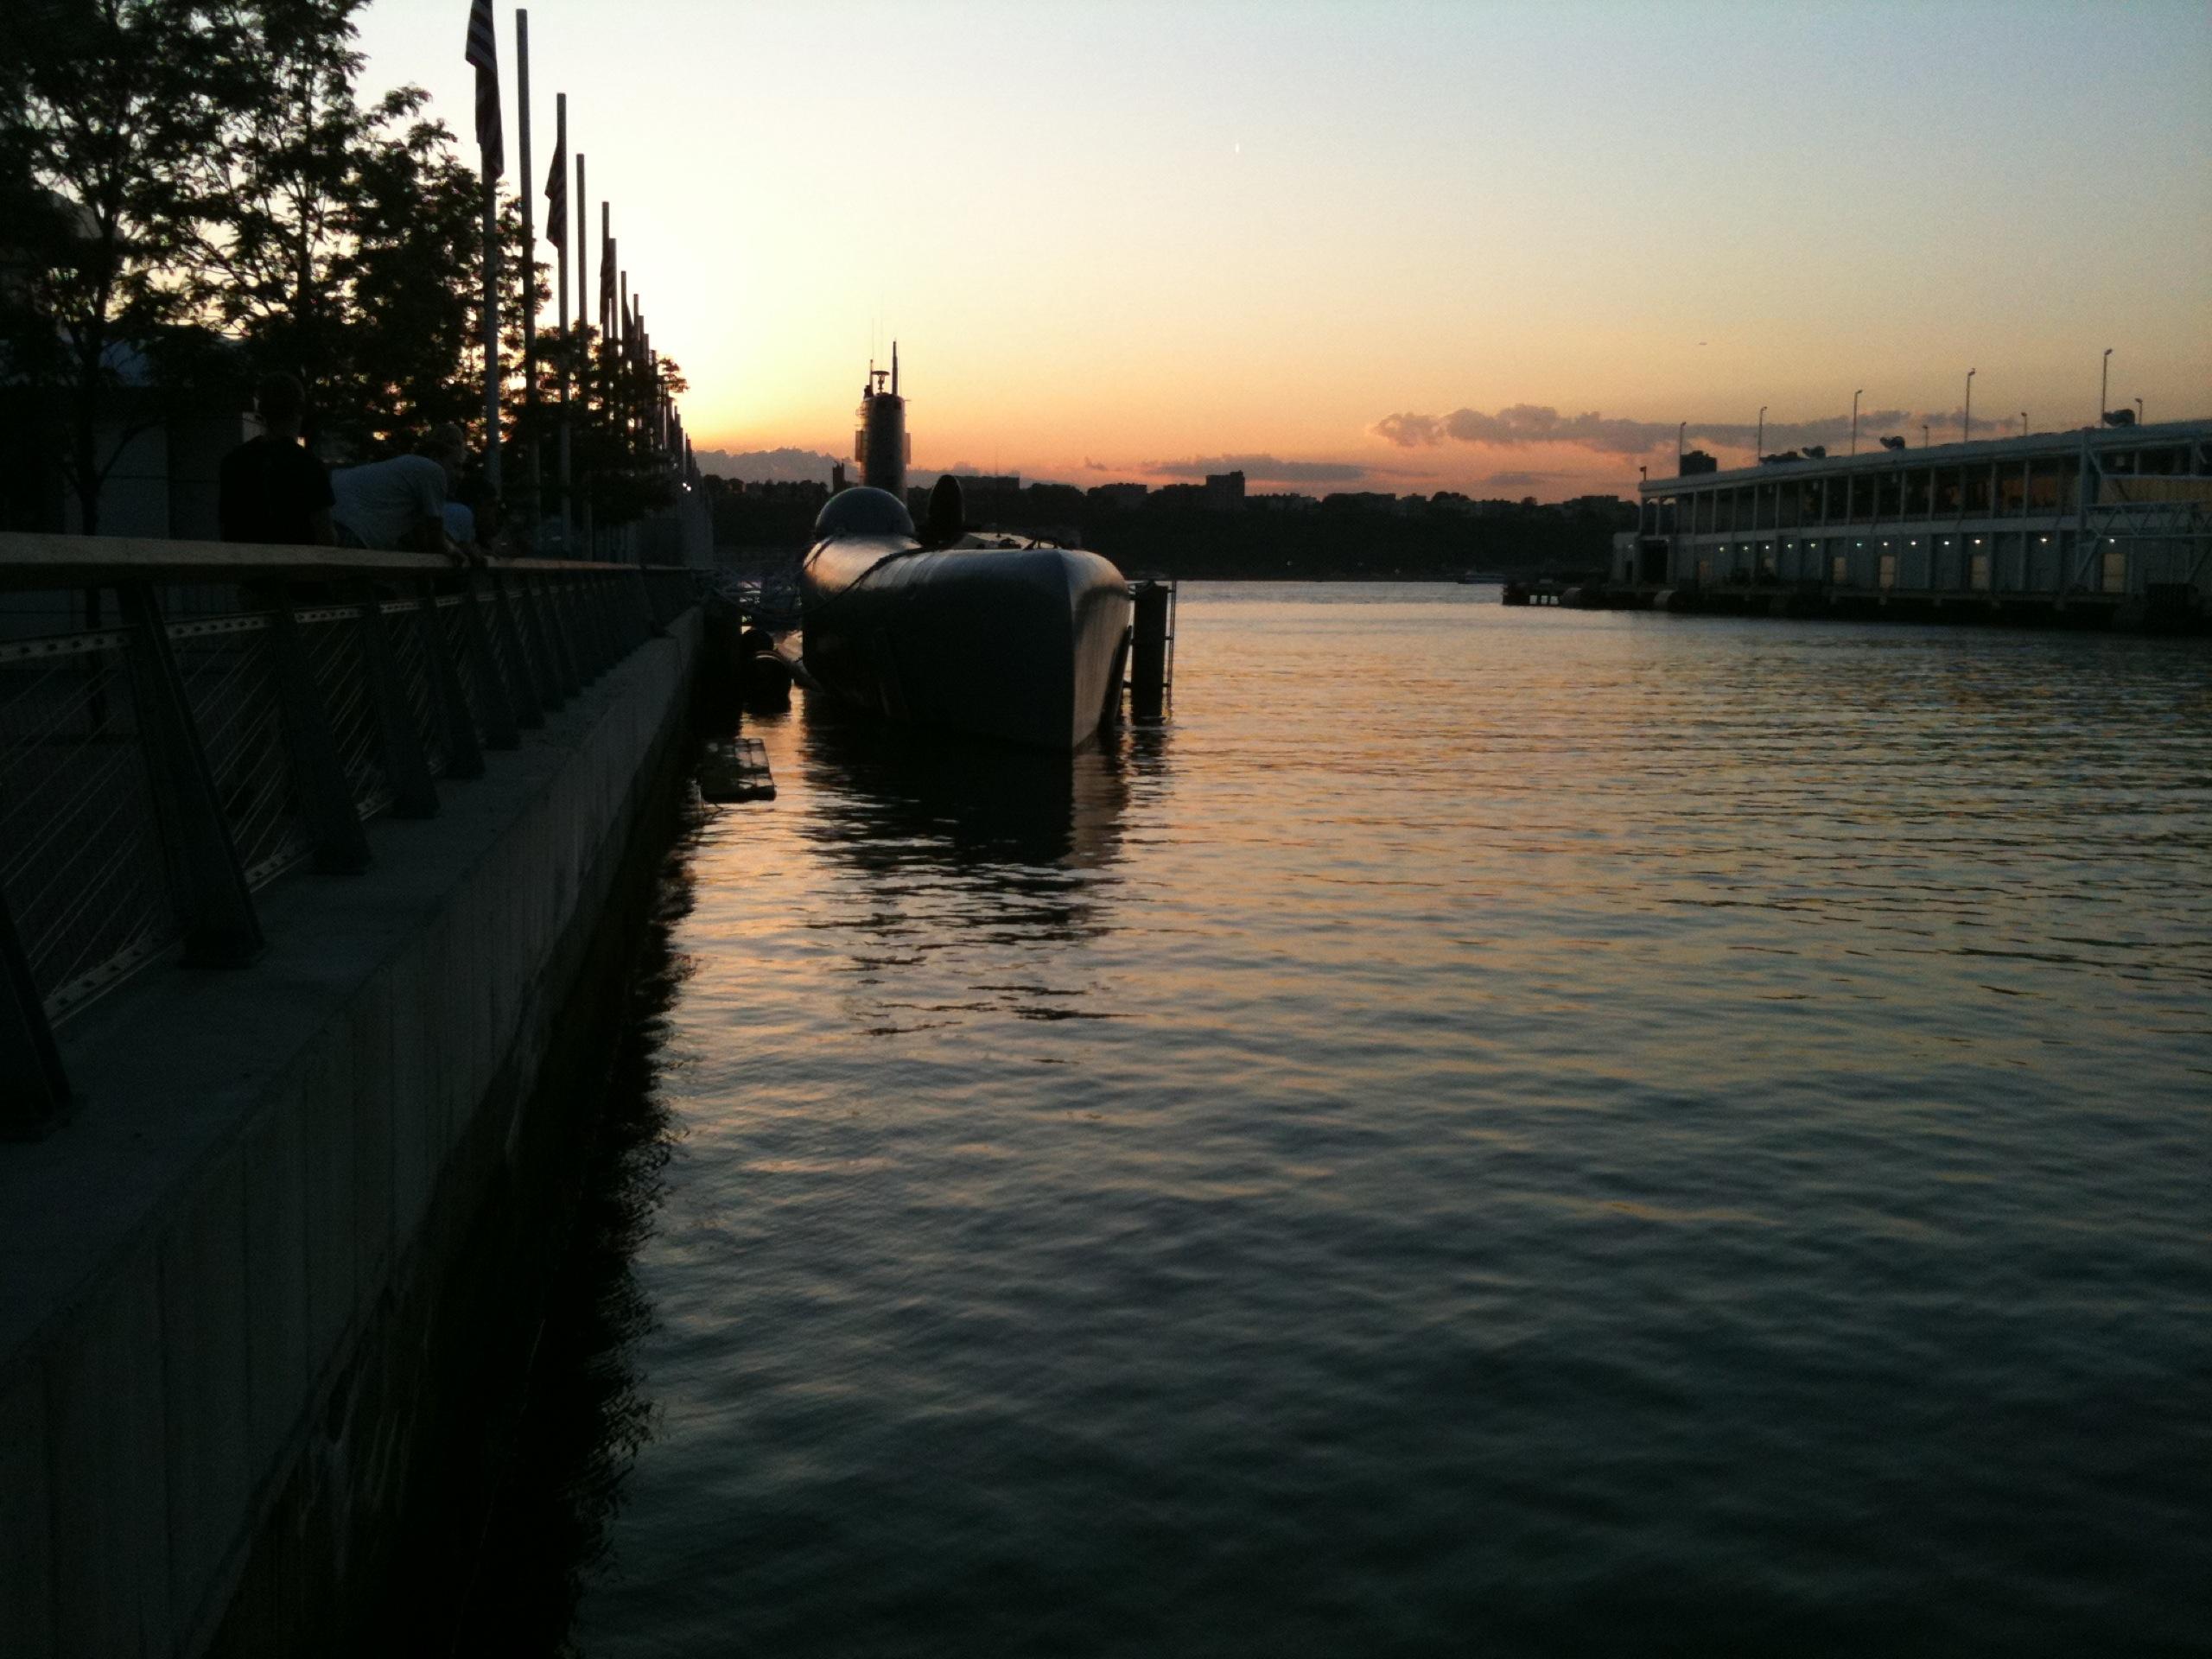 Sottomarino nella baia di New York